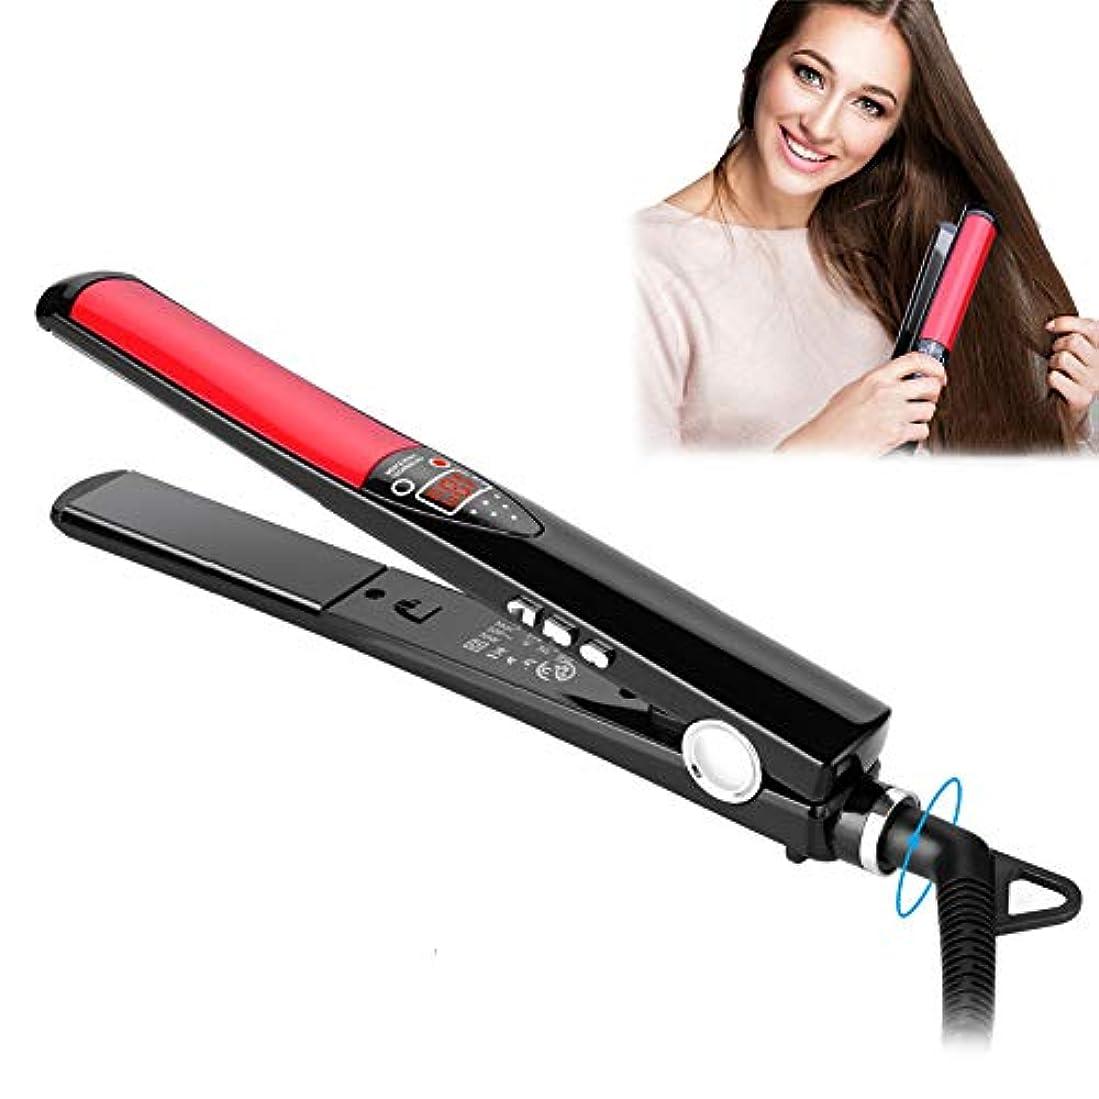 休みピニオンフラフープ専門の毛のストレートナの平らな鉄の陰イオンの直毛の温度の調節可能な速い温度の二重電圧乾湿両方